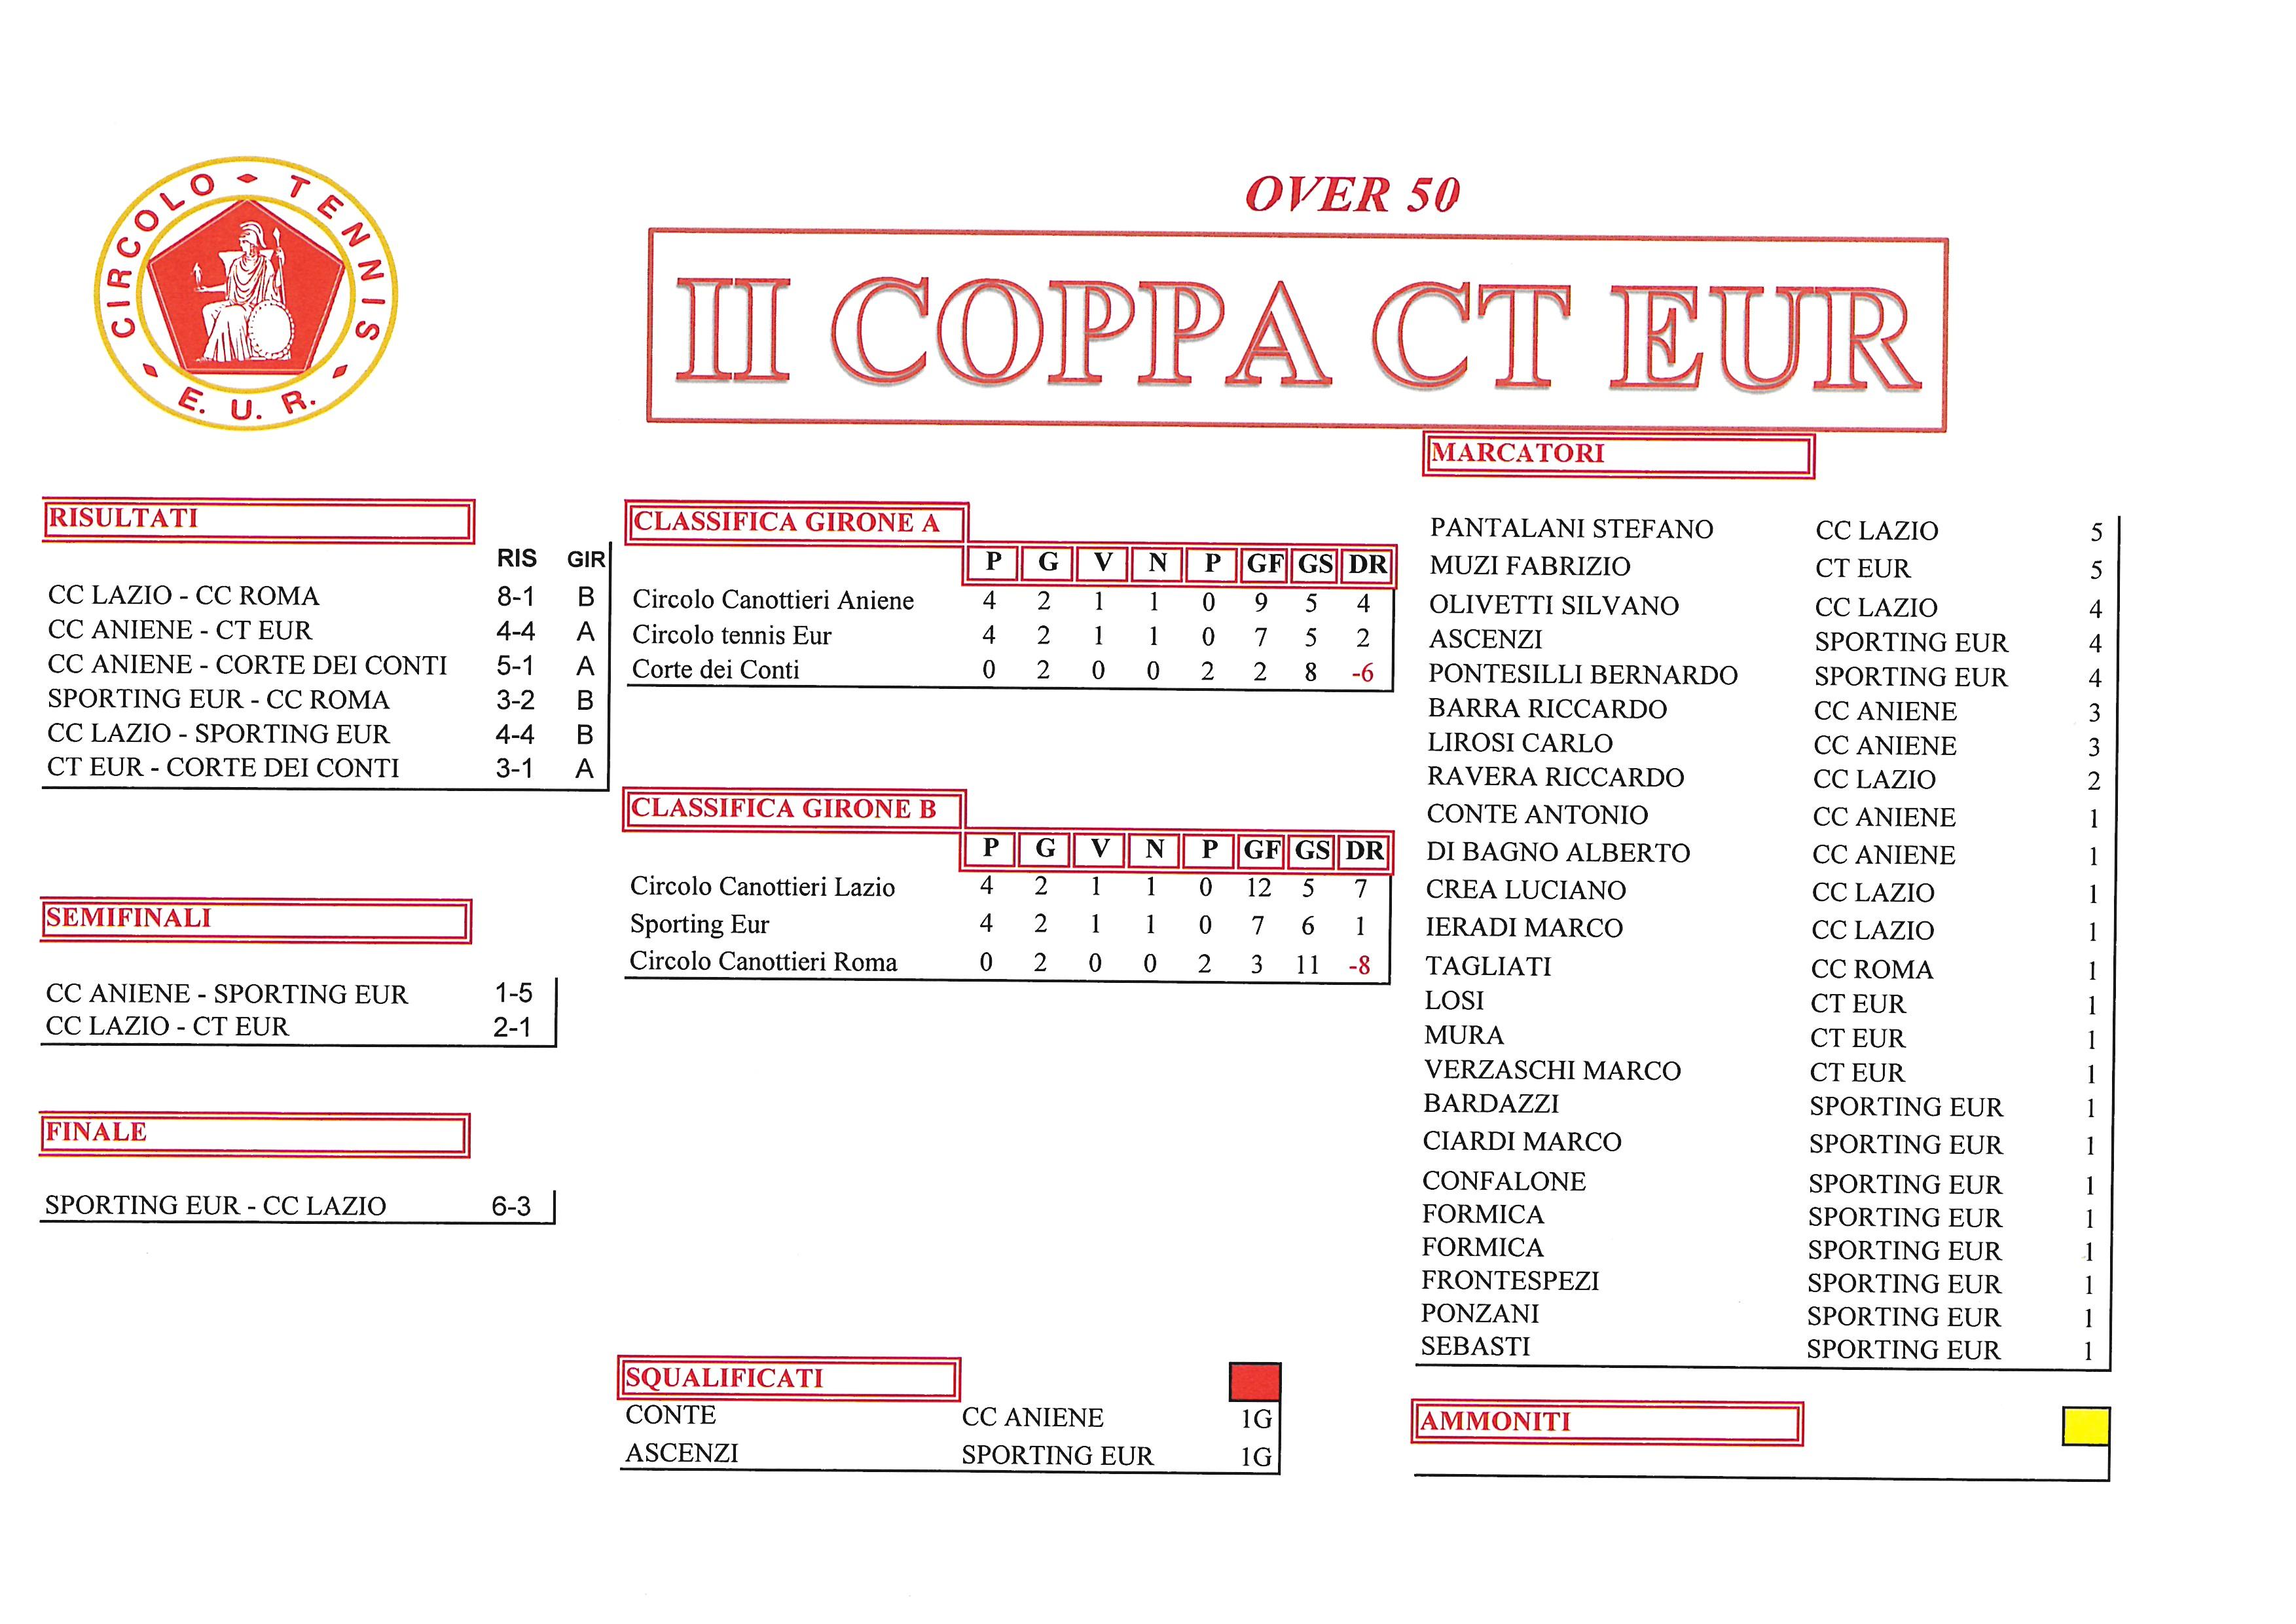 Coppa CT Eur risultati del 14 ottobre 2017 Finali Over 50